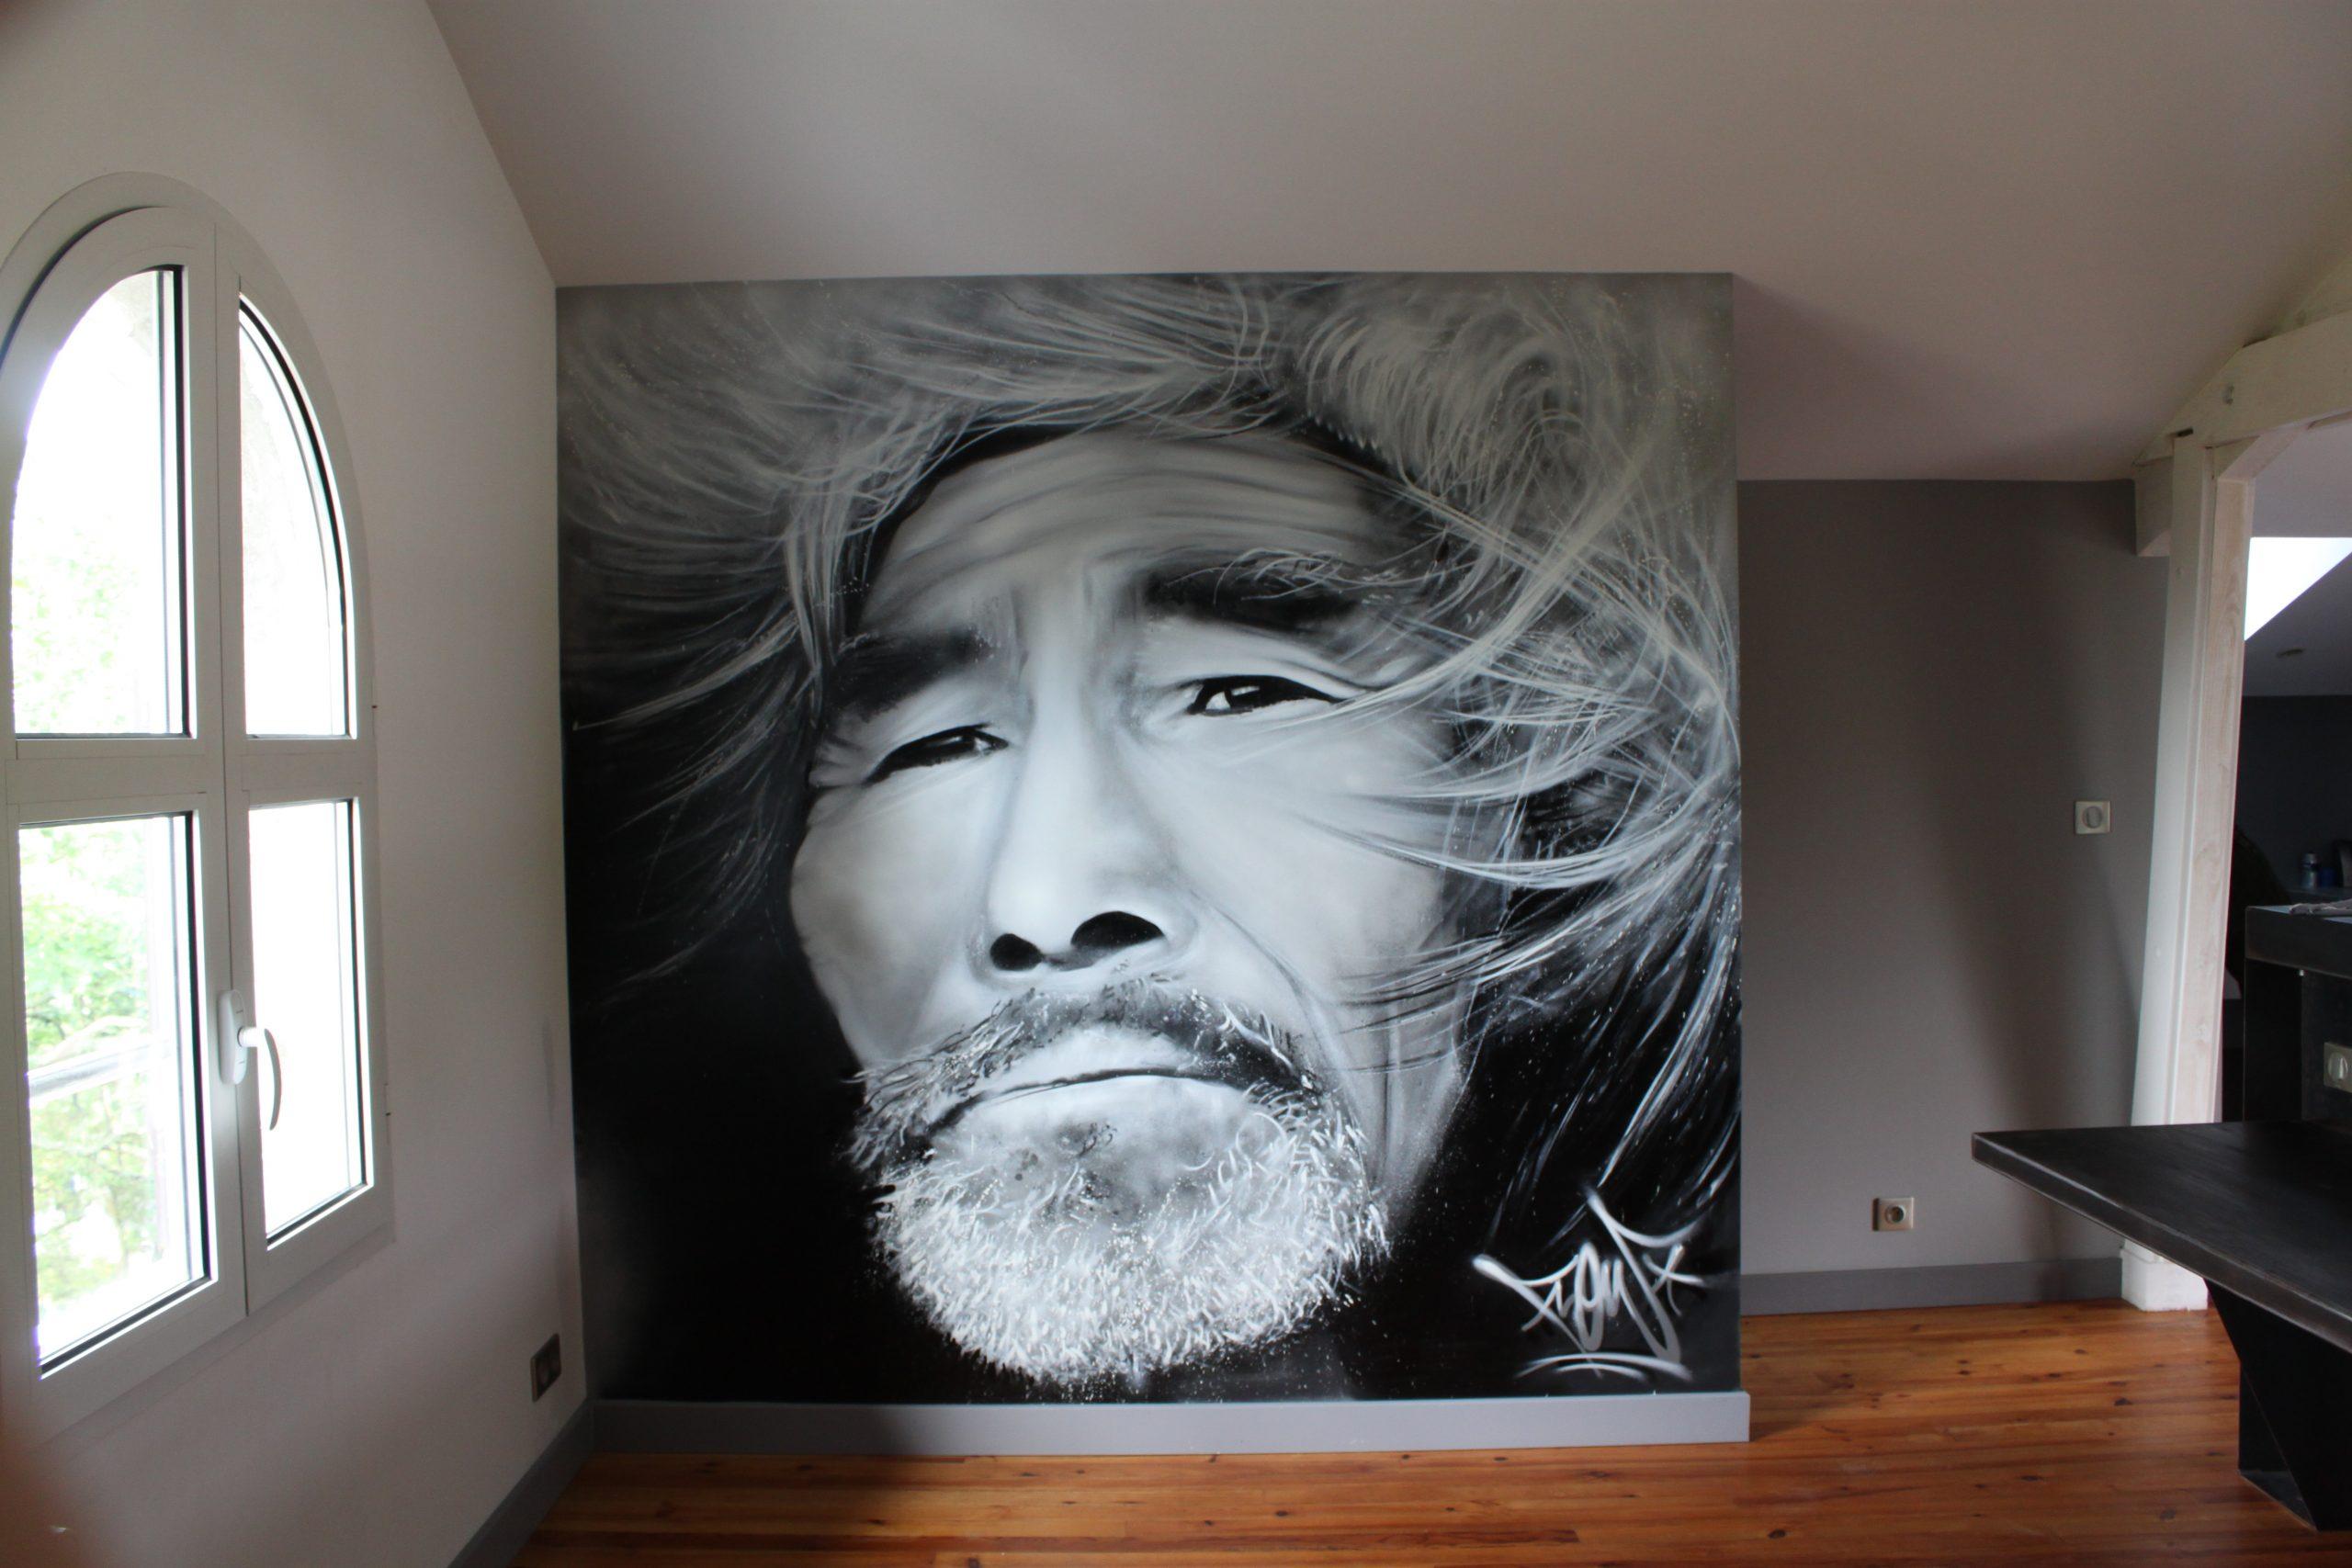 Flow Graffeur œuvre in situ